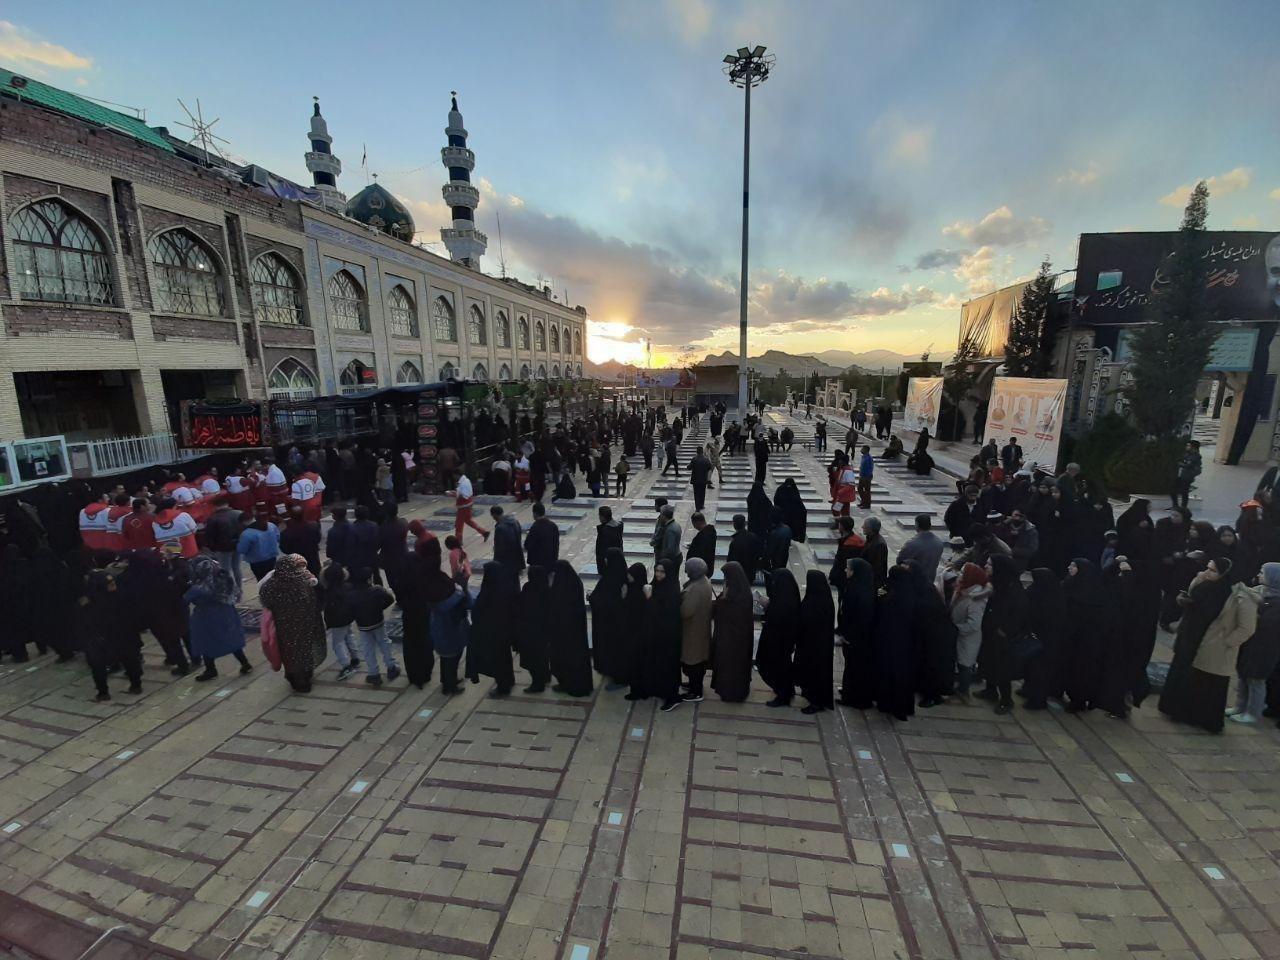 تصویری زیبا از حال و هوای مزار شهید سلیمانی + عکس